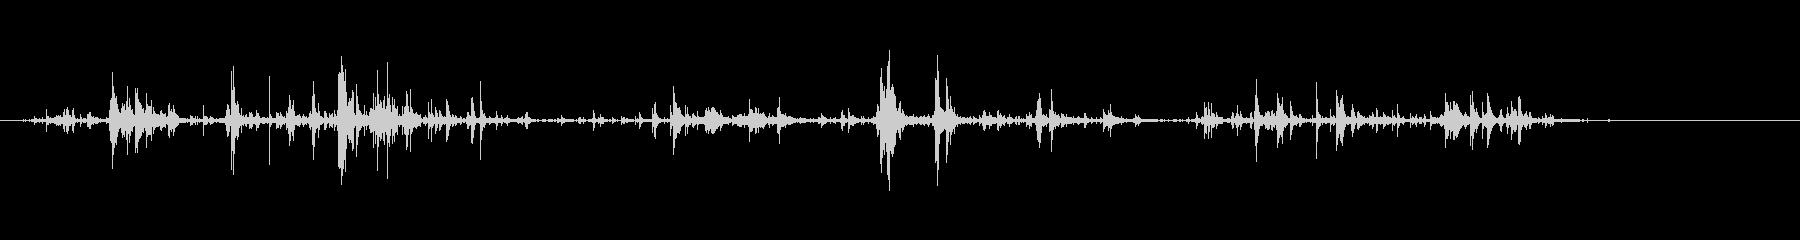 キーホルダーのチャリチャリ音7リバーブの未再生の波形